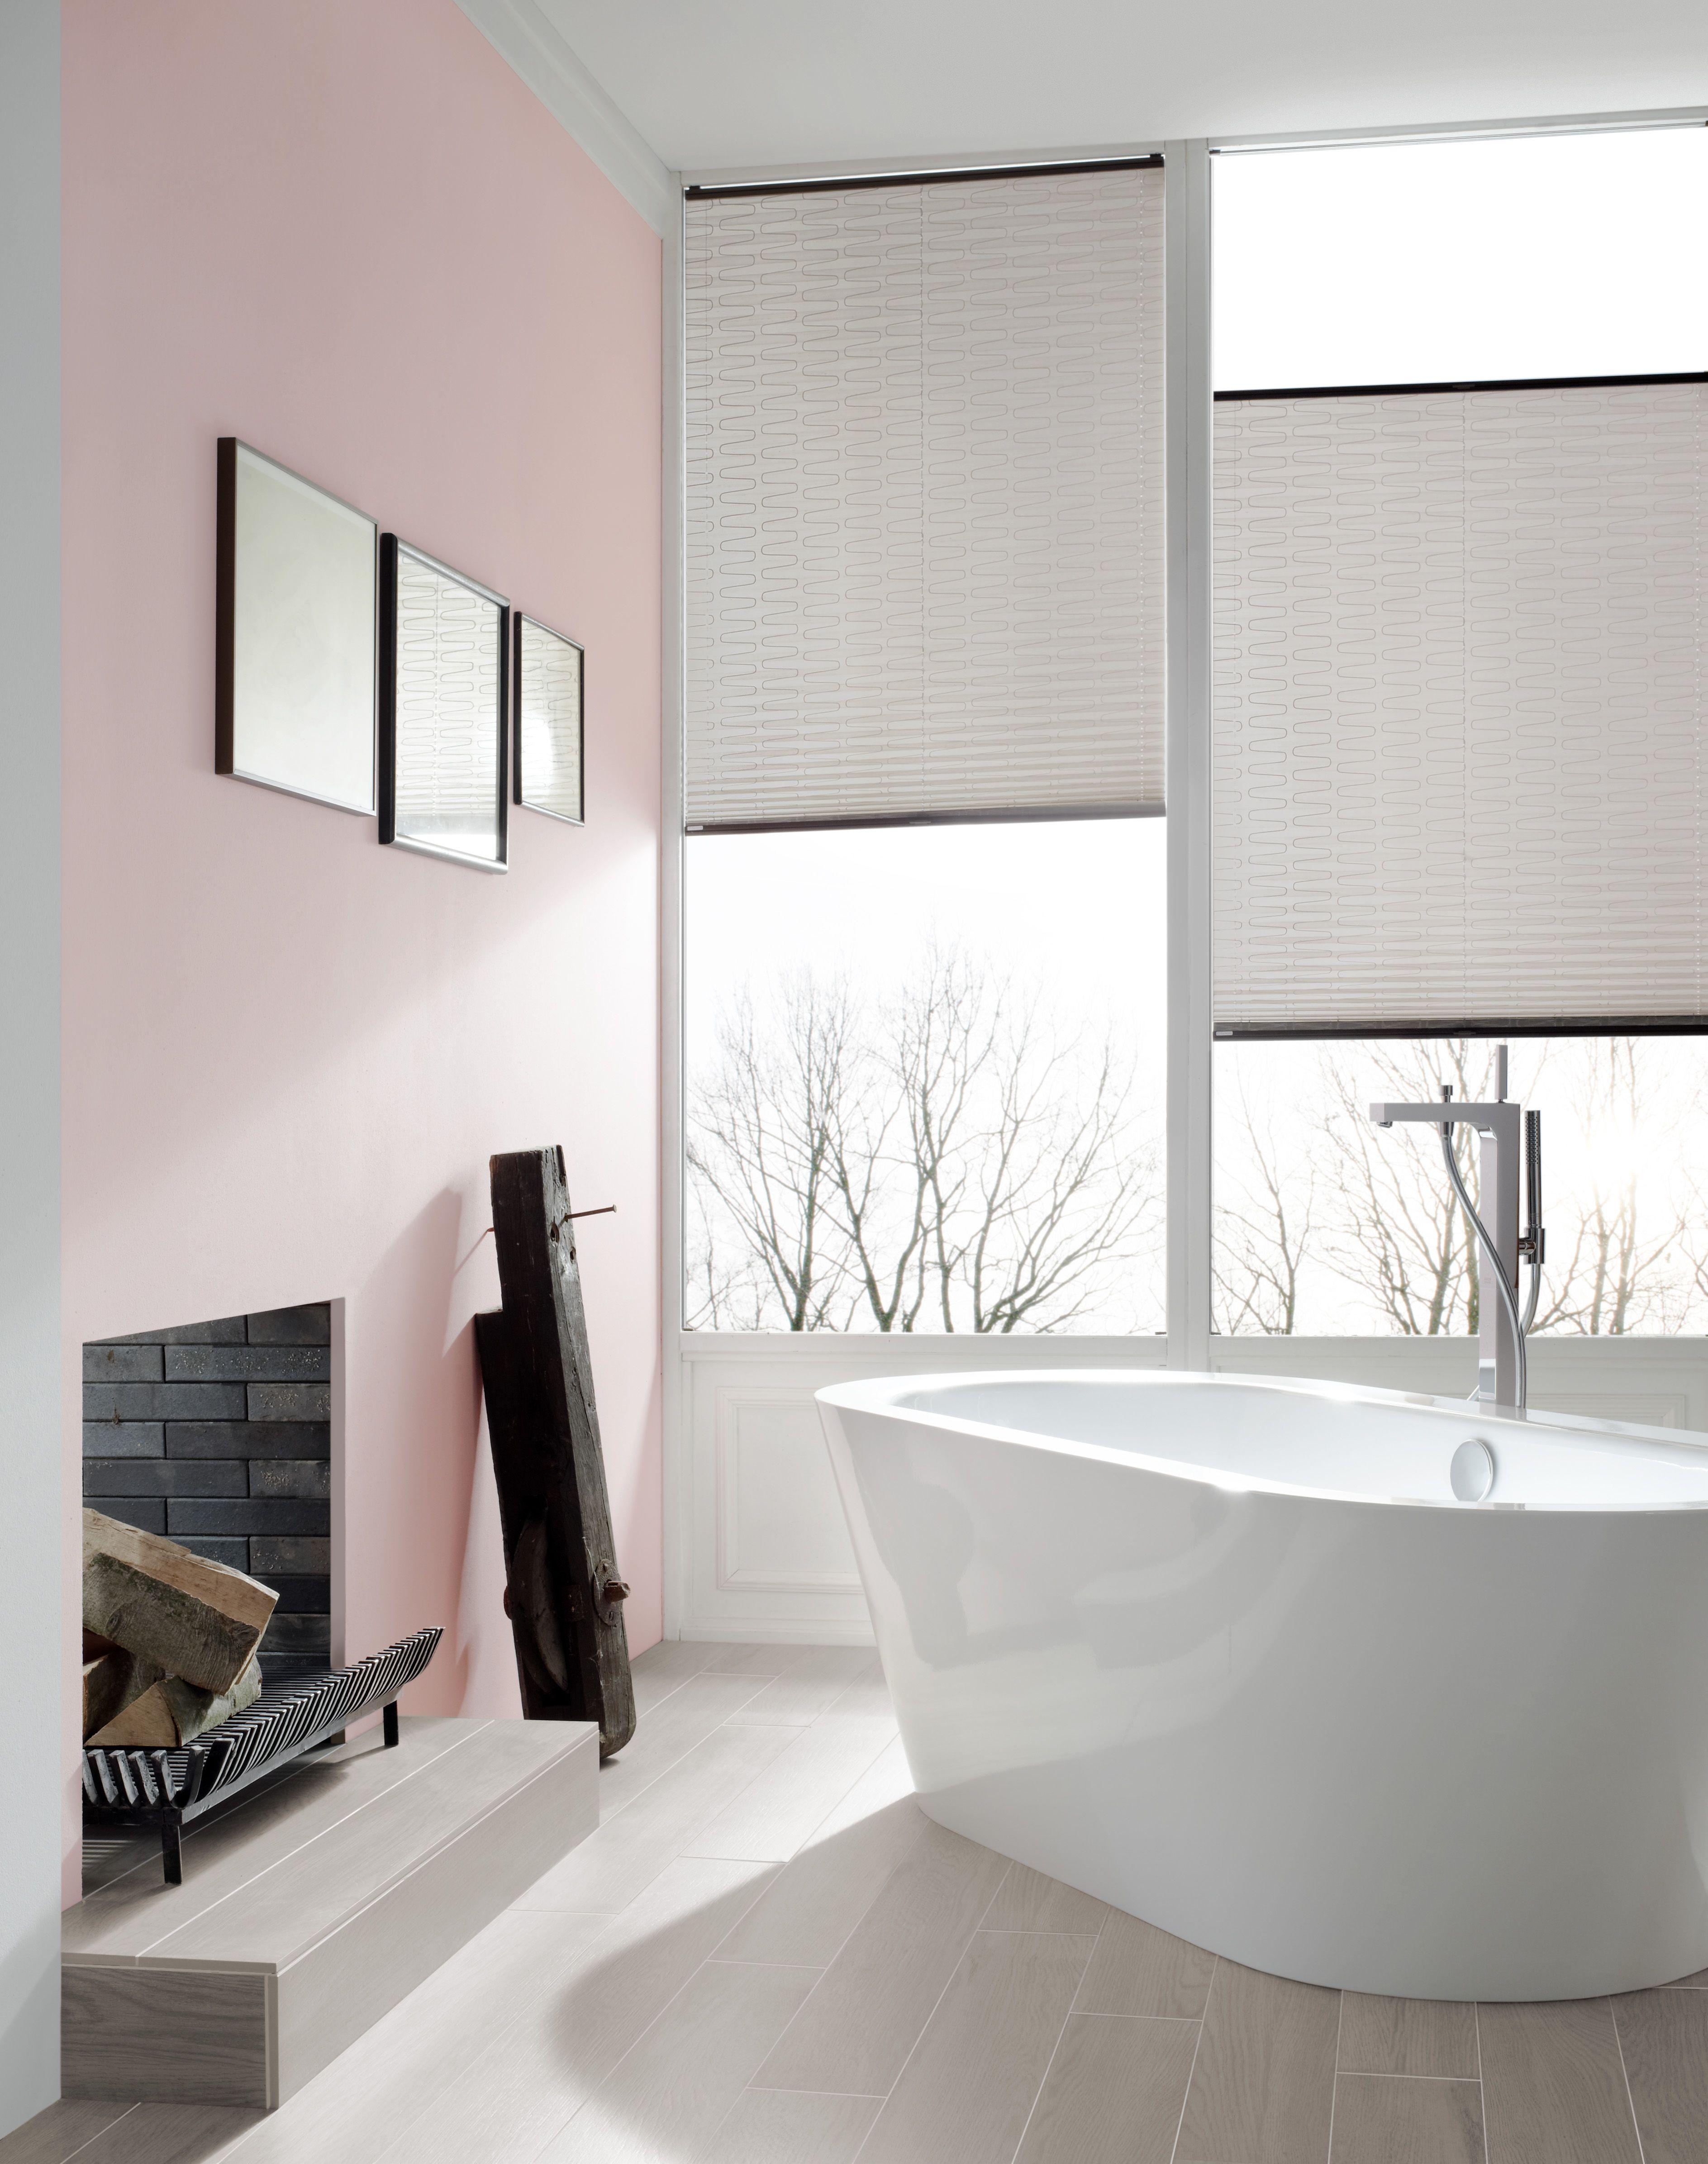 Bette Starlet Oval Silhouette 165x75cm Freistehende Badewanne 2720cfxxk Freistehende Badewanne Badewanne Und Badezimmer Inspiration